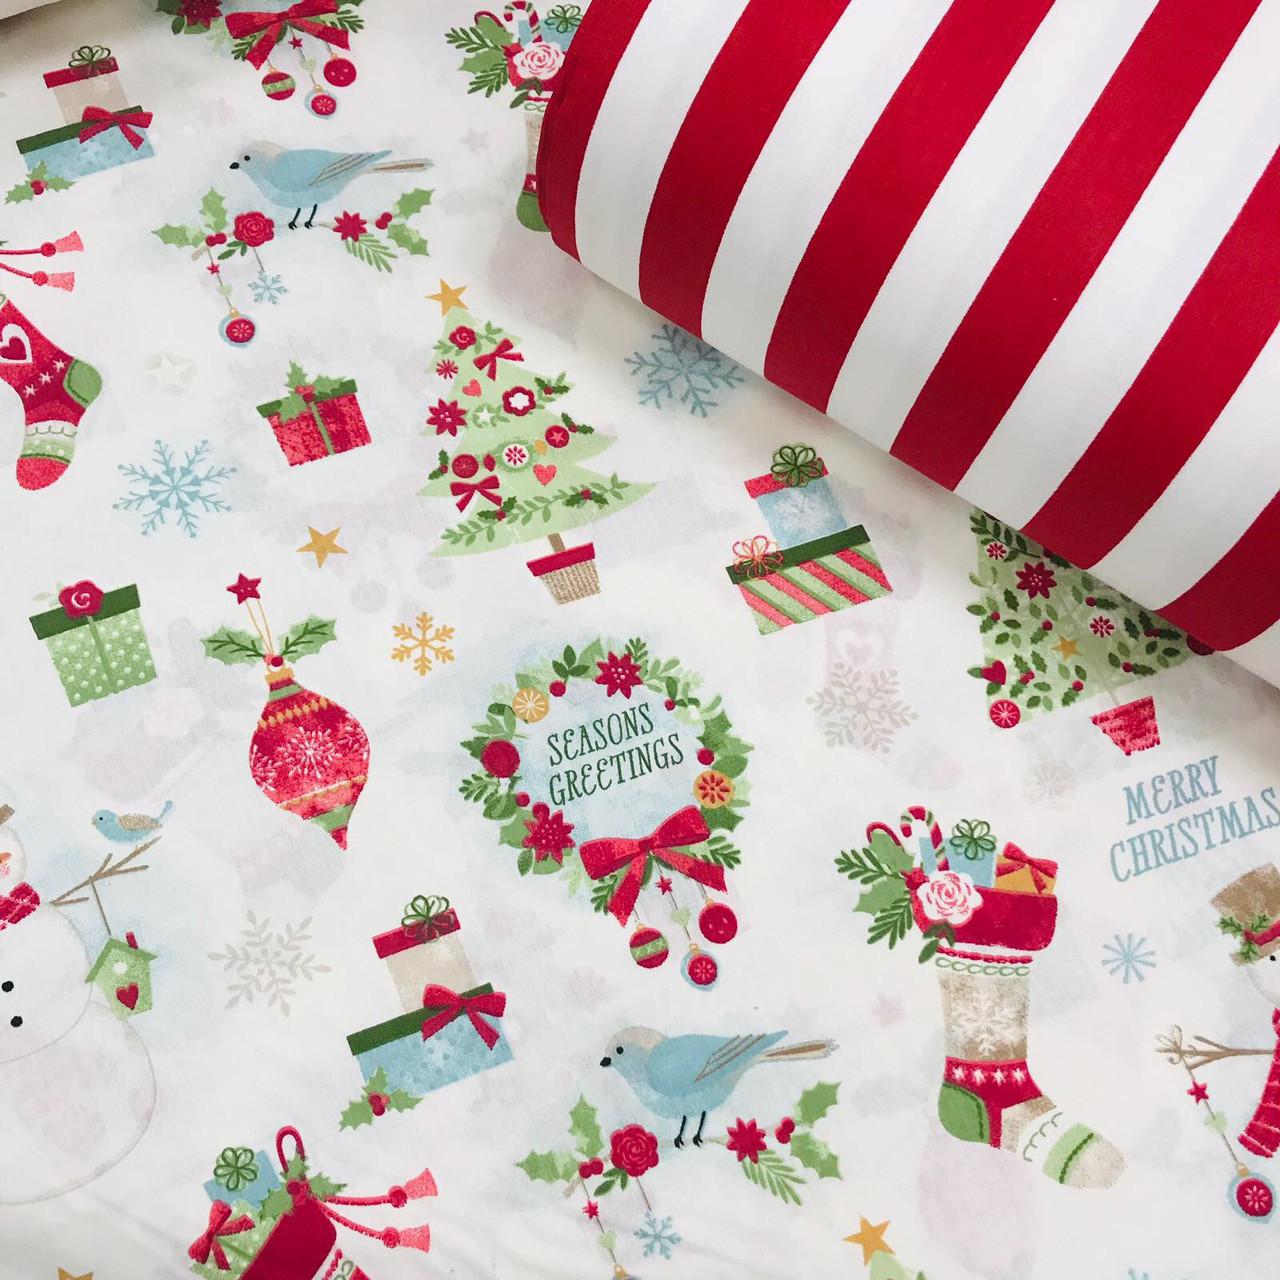 Хлопковая ткань (ТУРЦИЯ шир. 2,4 м) снеговики, елки, подарки красно-зеленые на белом